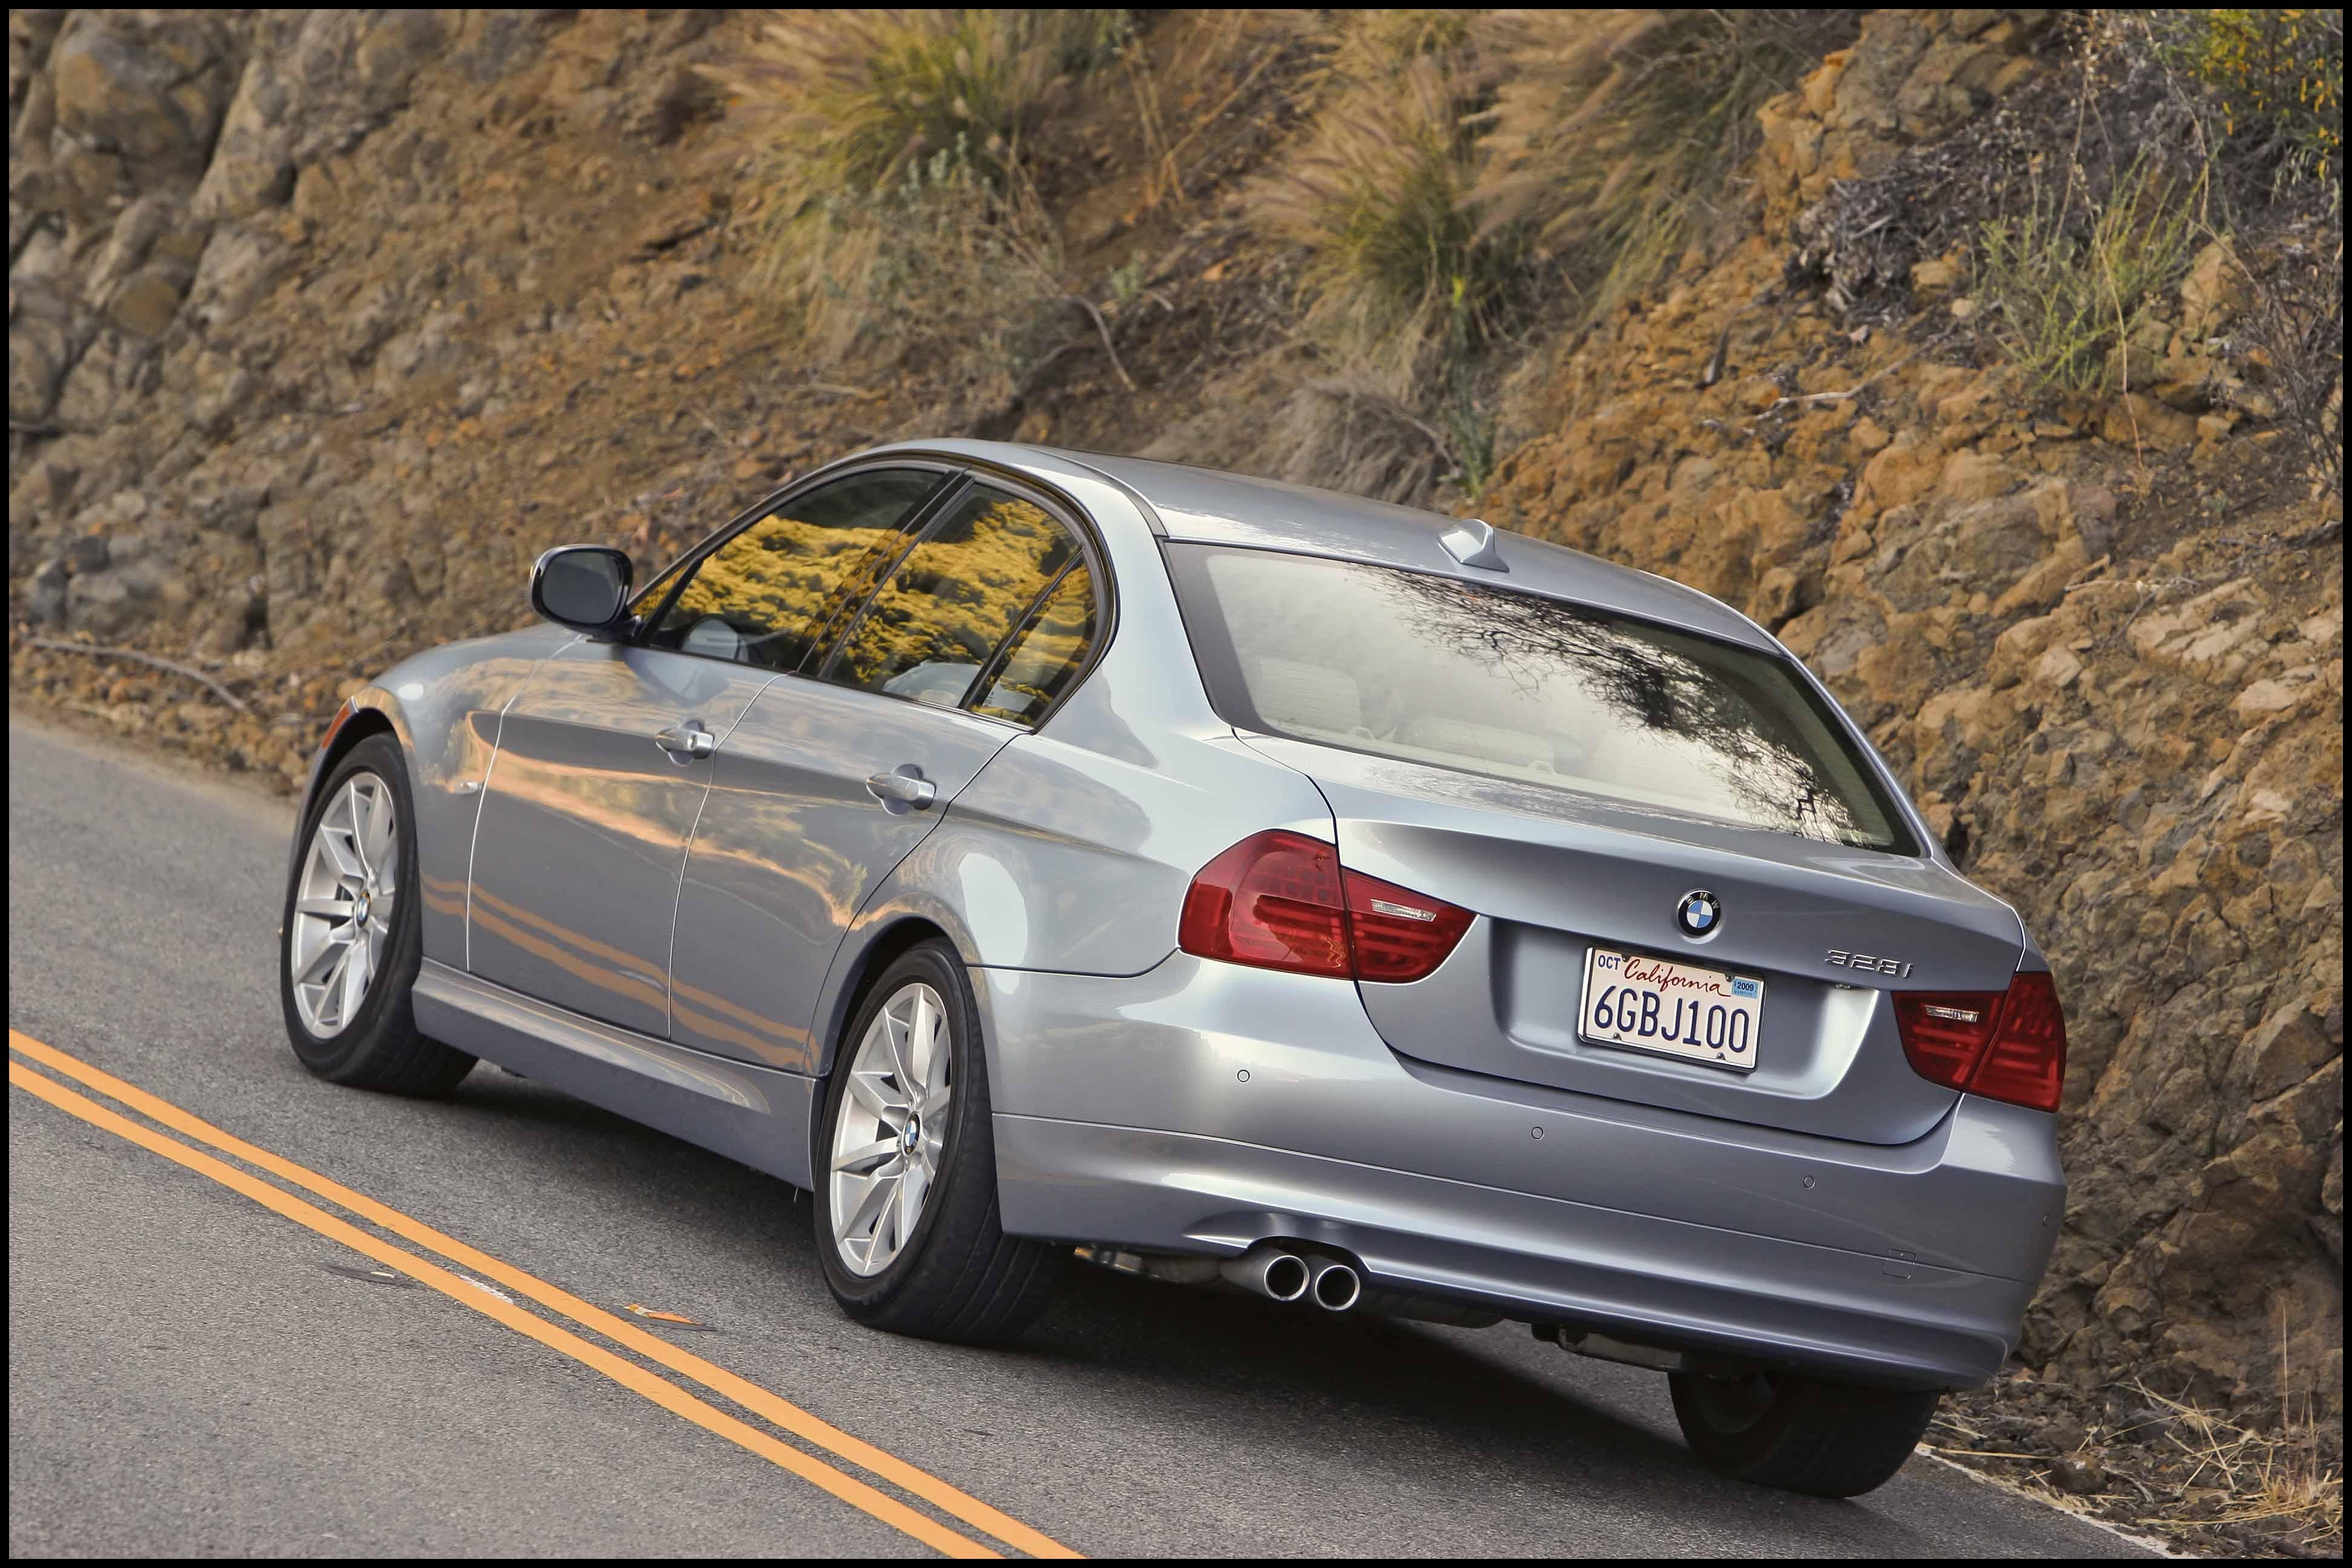 bmw e90 used car01